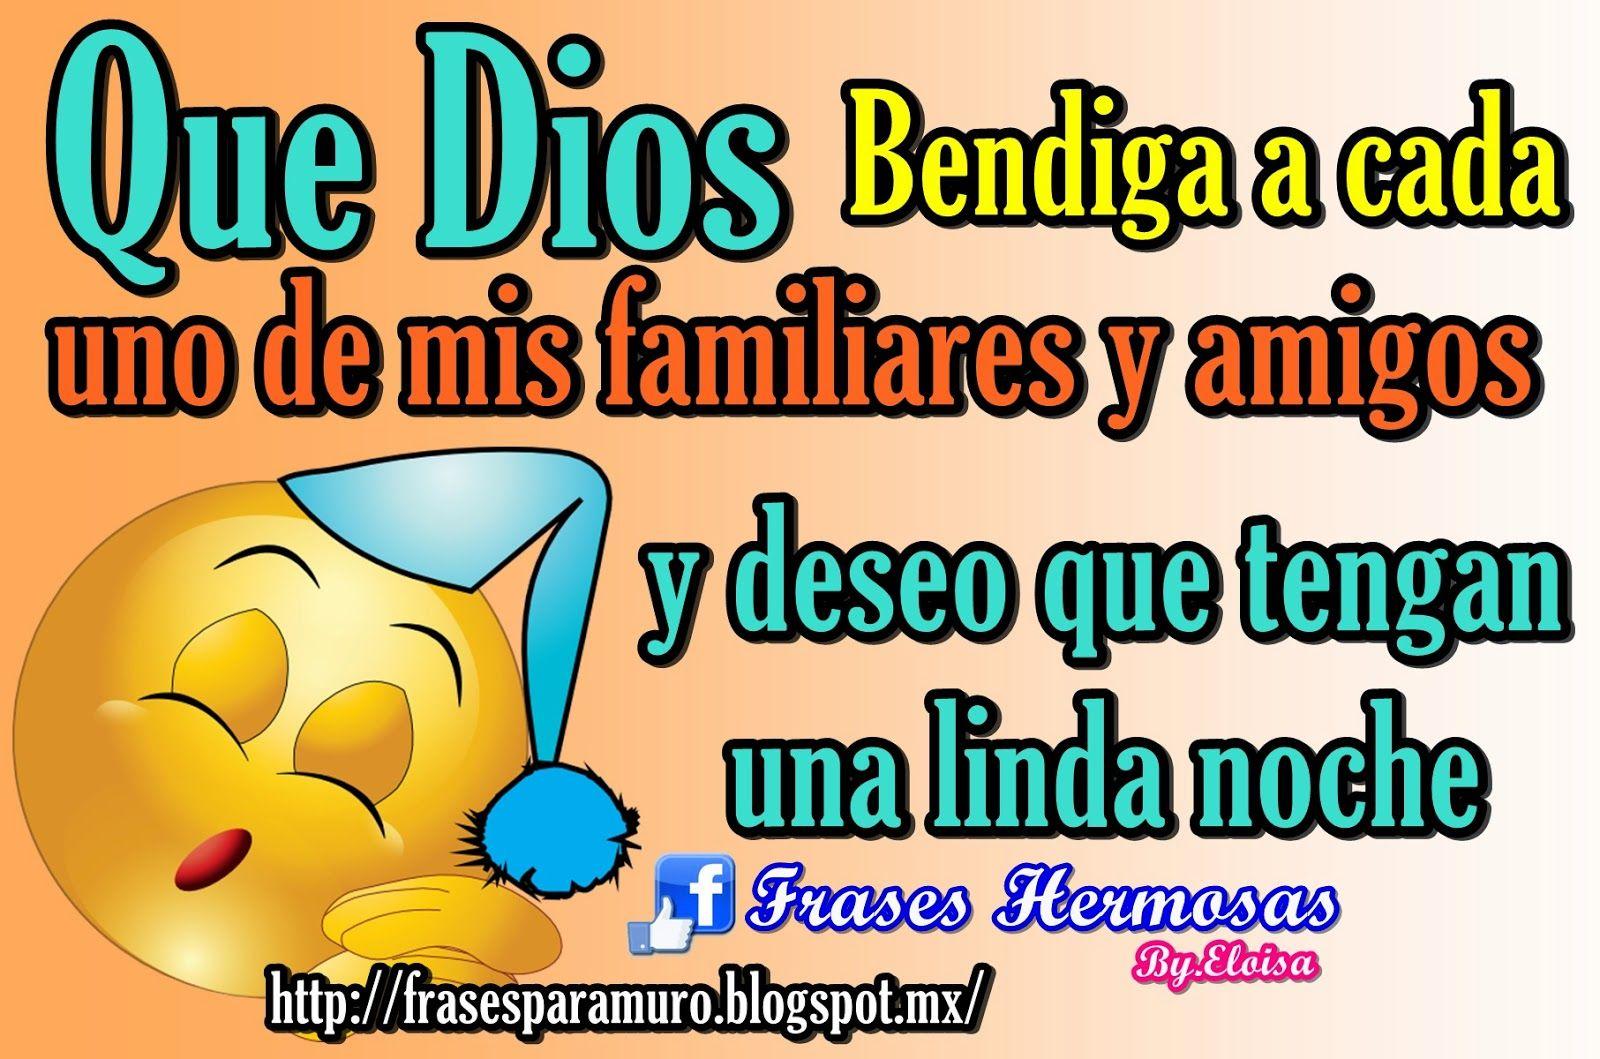 Frases Para Tu Muro Que Dios Bendiga A Cada Uno De Mis Familiares Y Amigos Good Night Remember Memes